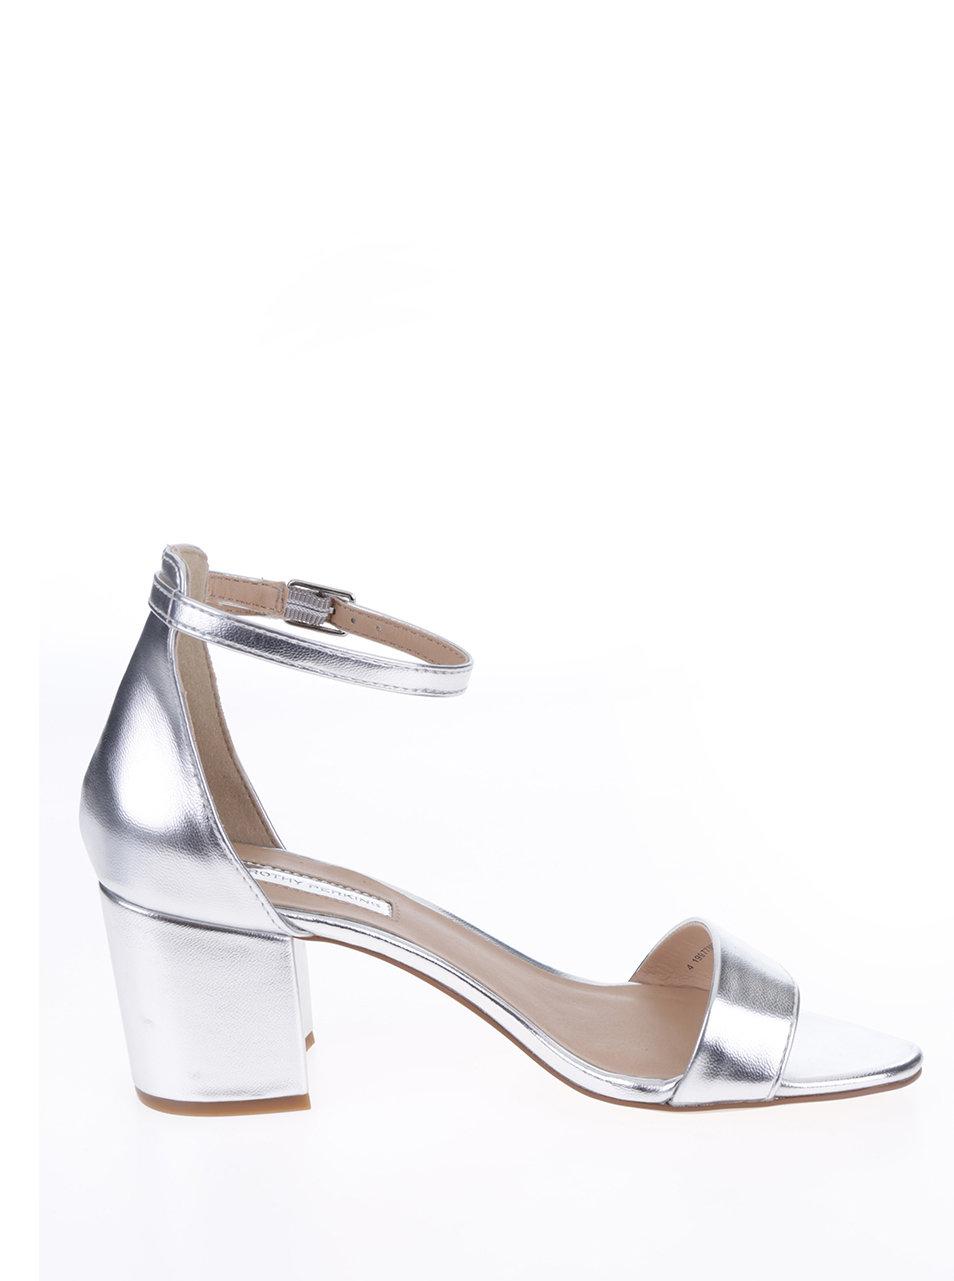 4492557b233 Lesklé sandálky ve stříbrné barvě Dorothy Perkins ...